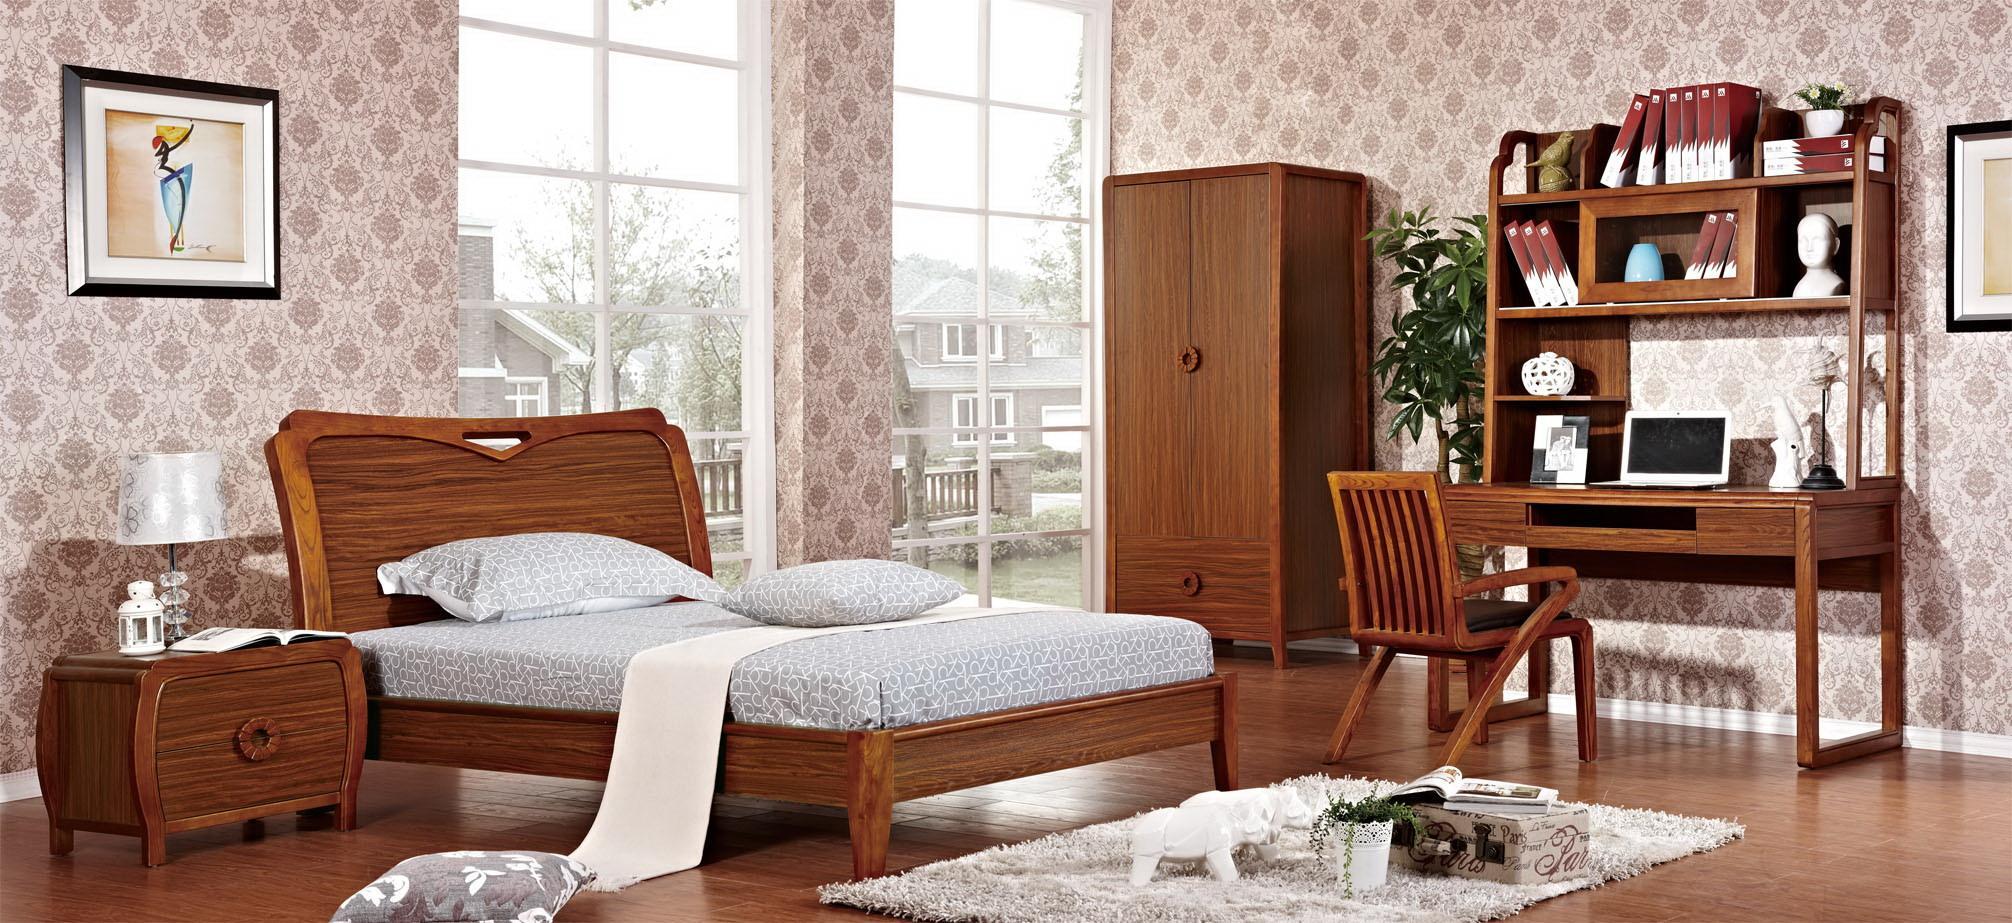 装修时家中家具如何布置合适